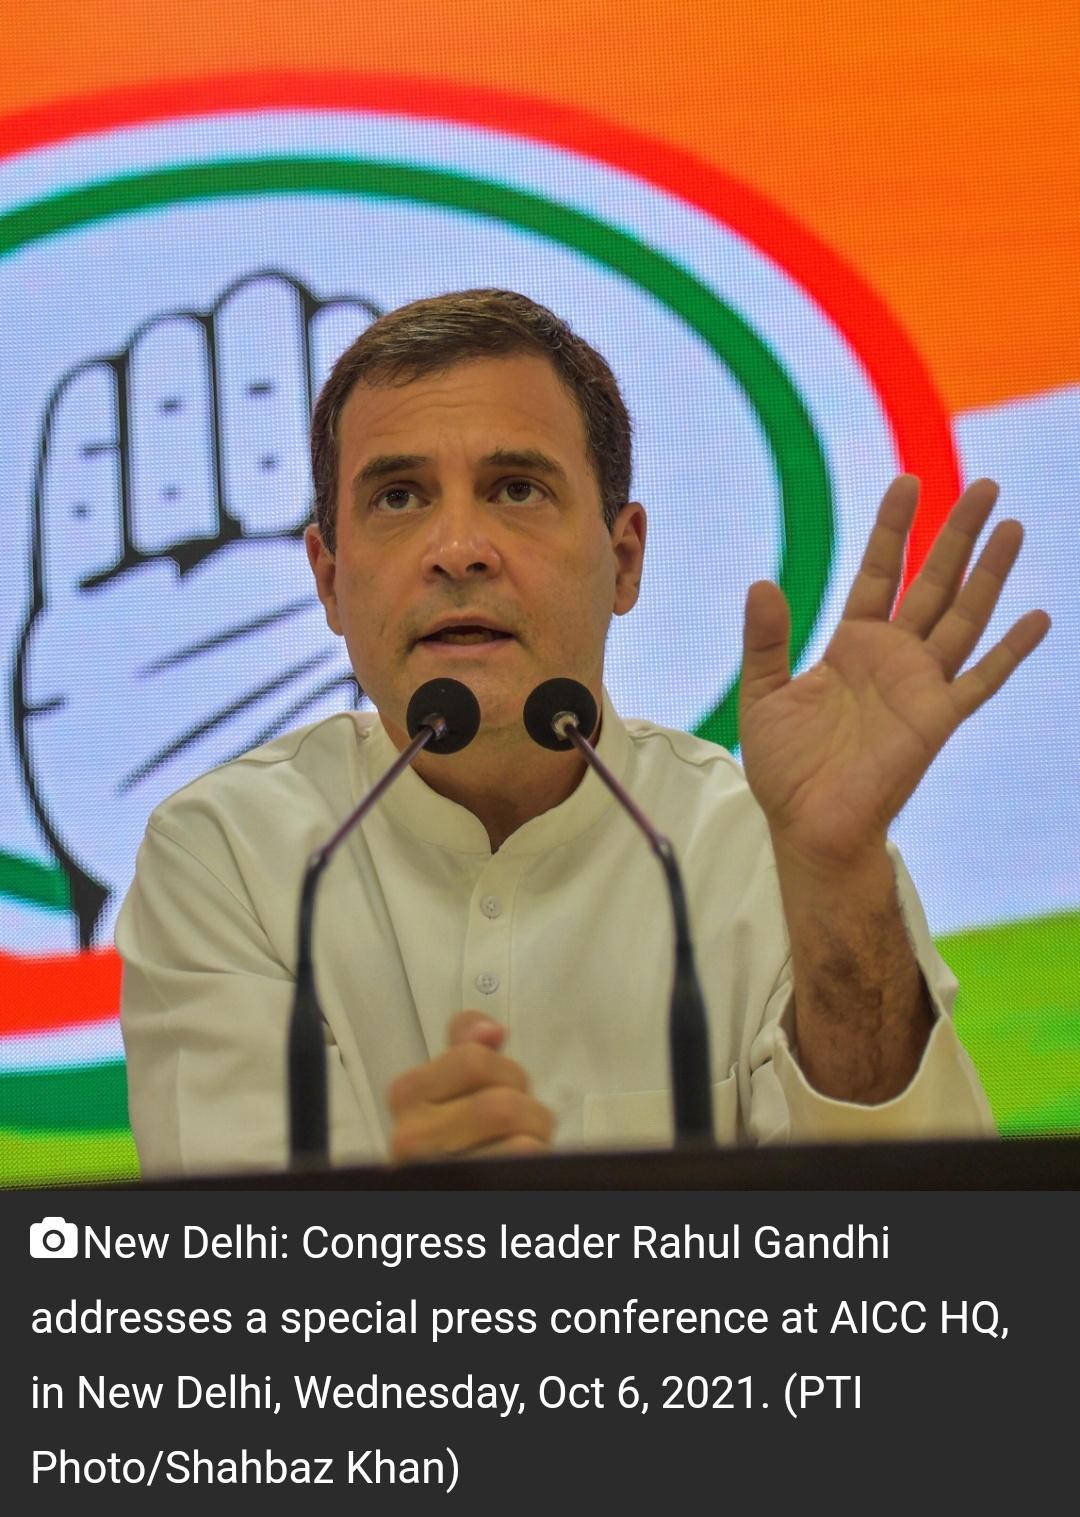 भारत में तानाशाही; किसानों पर सुनियोजित हमले हो रहे हैं : राहुल गांधी 8